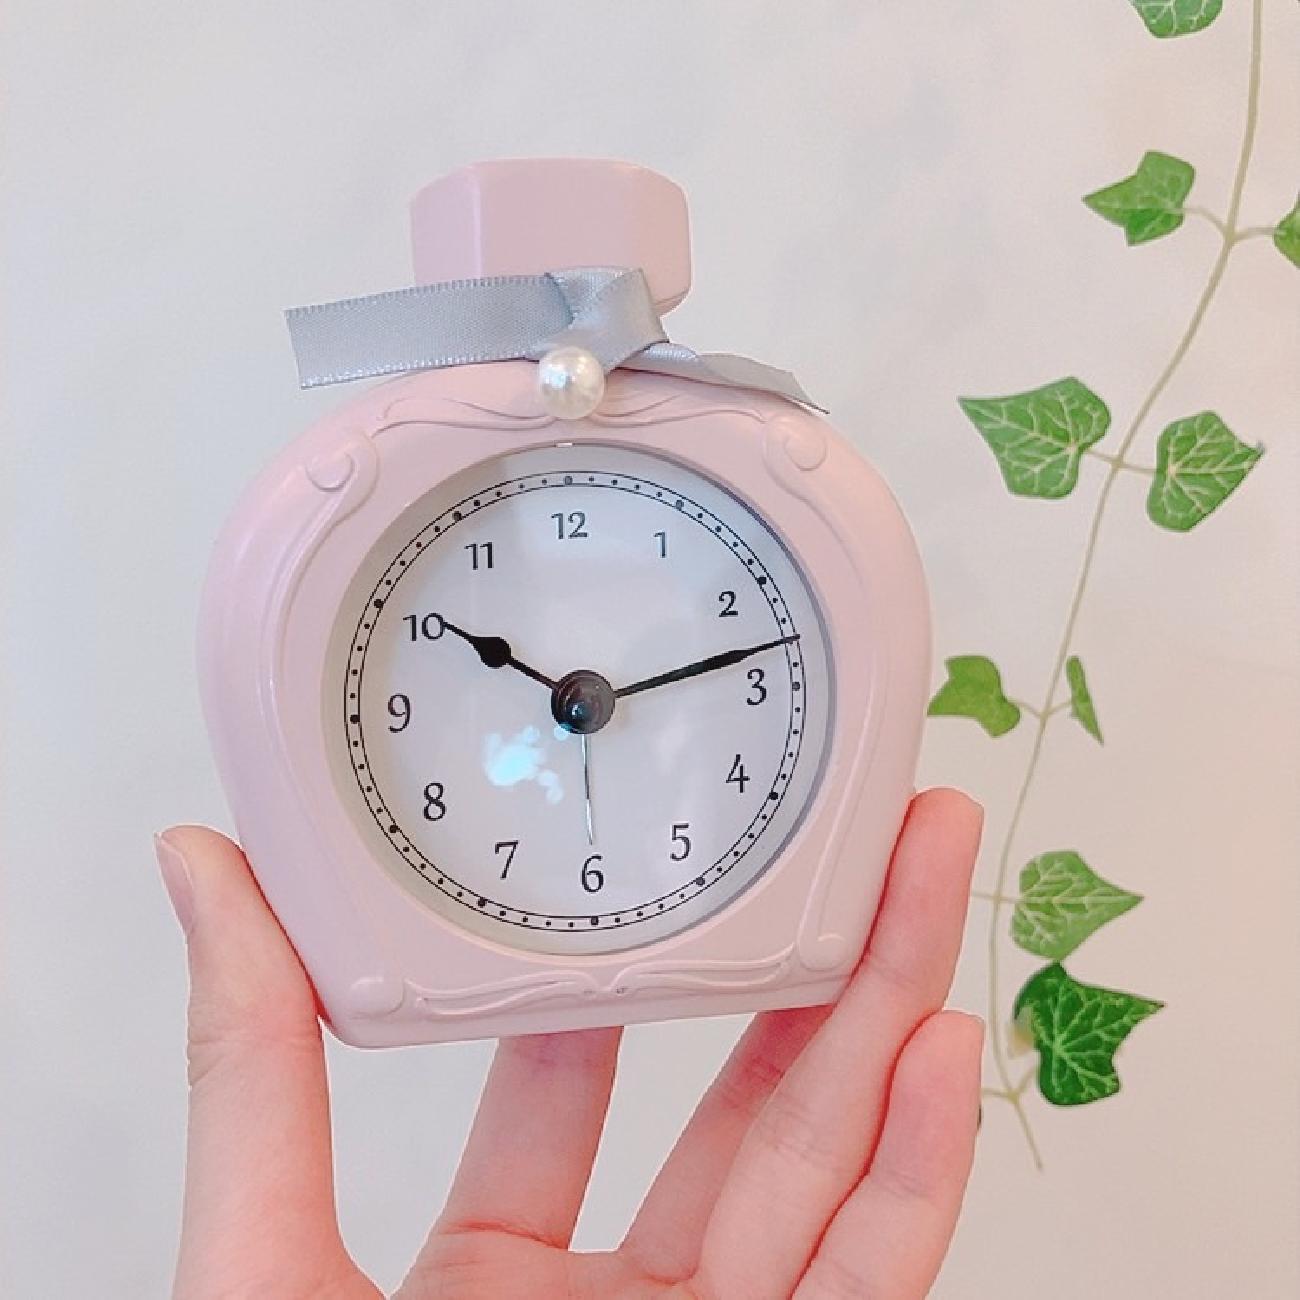 置時計/マルモアラームクロックパフューム/おしゃれ/ピンク /ホワイト/目覚まし/かわいい/プレゼント/ギフト